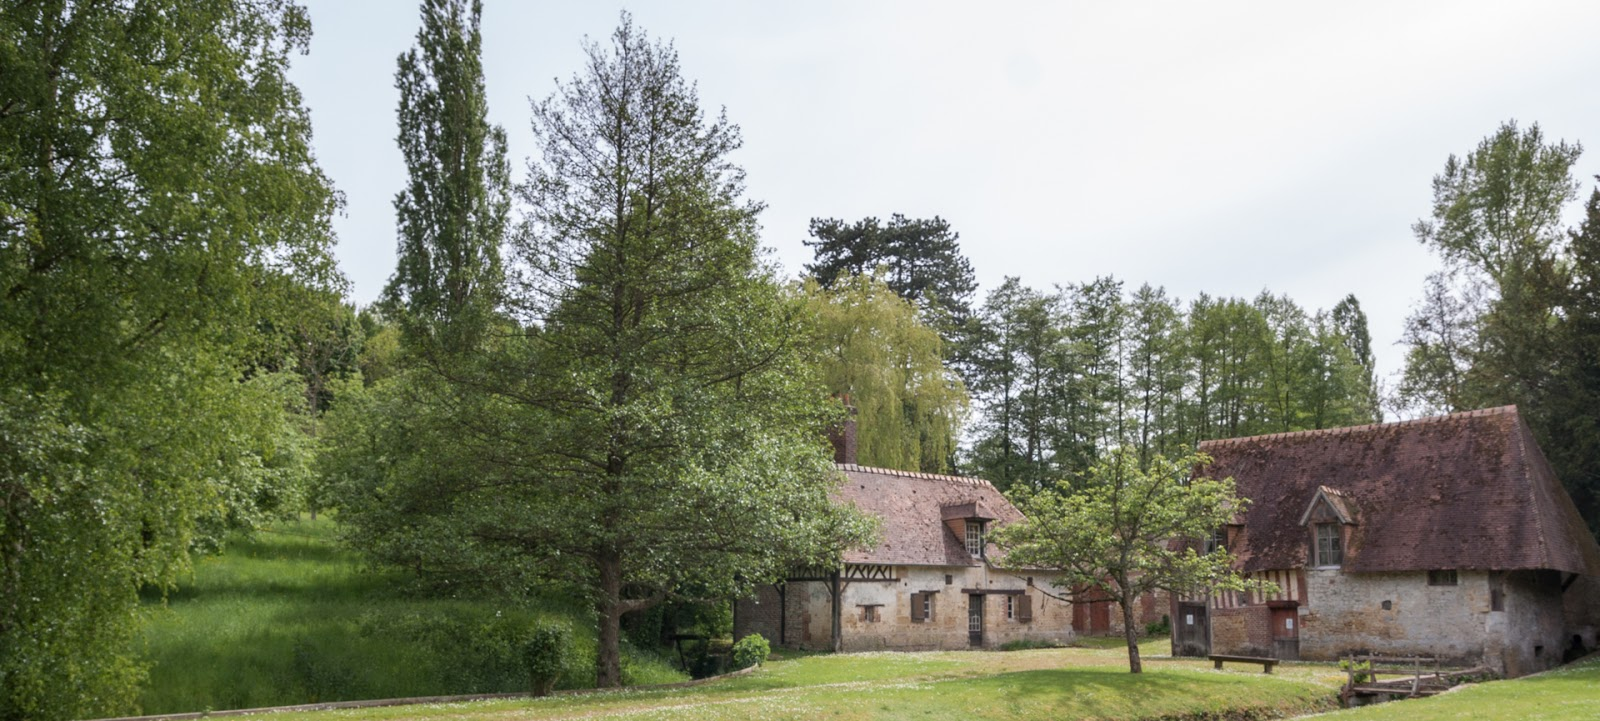 maison pays d'auge normandie